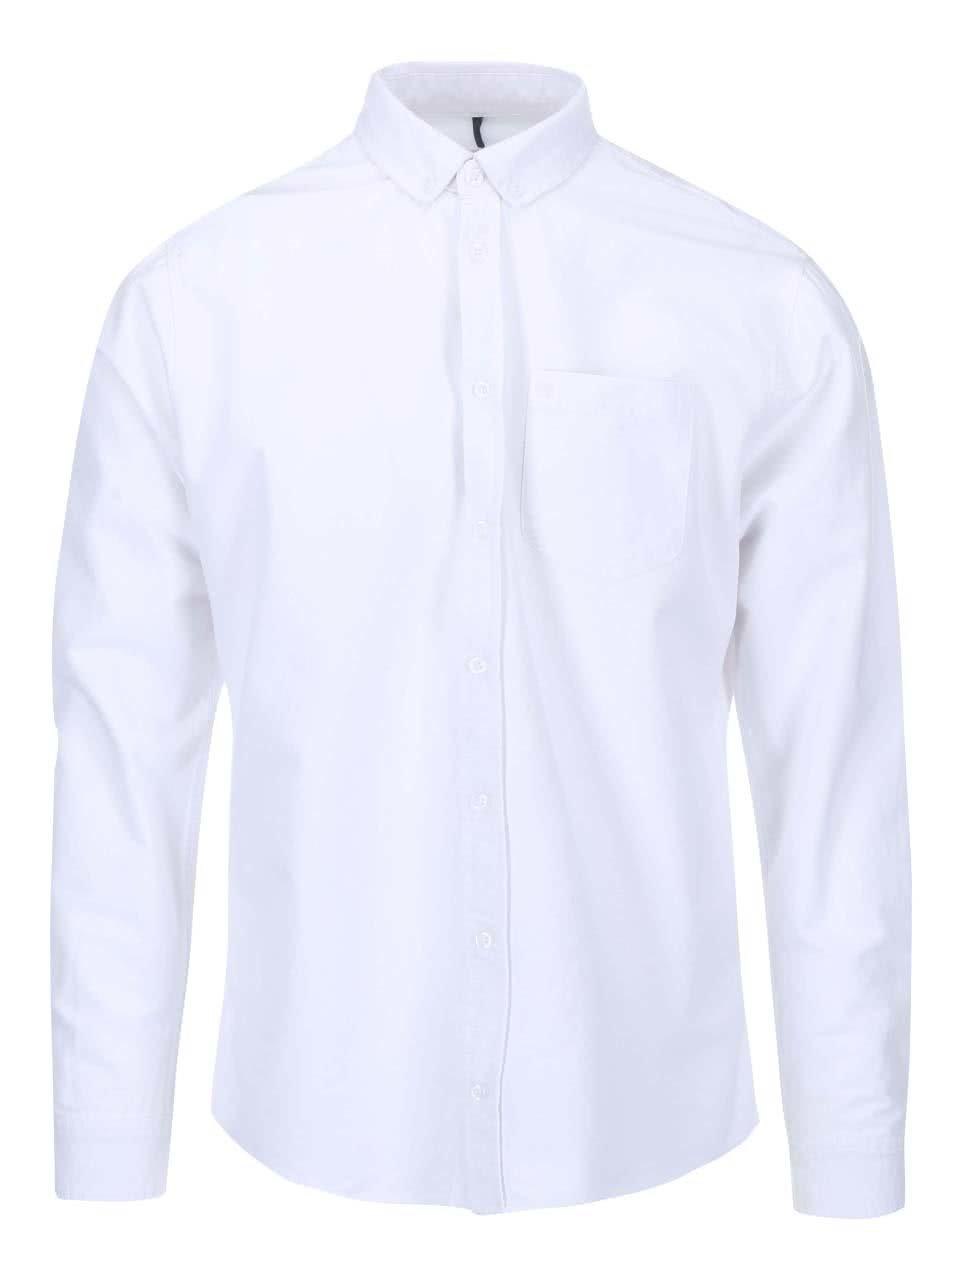 Bílá košile Blend Regular Fit